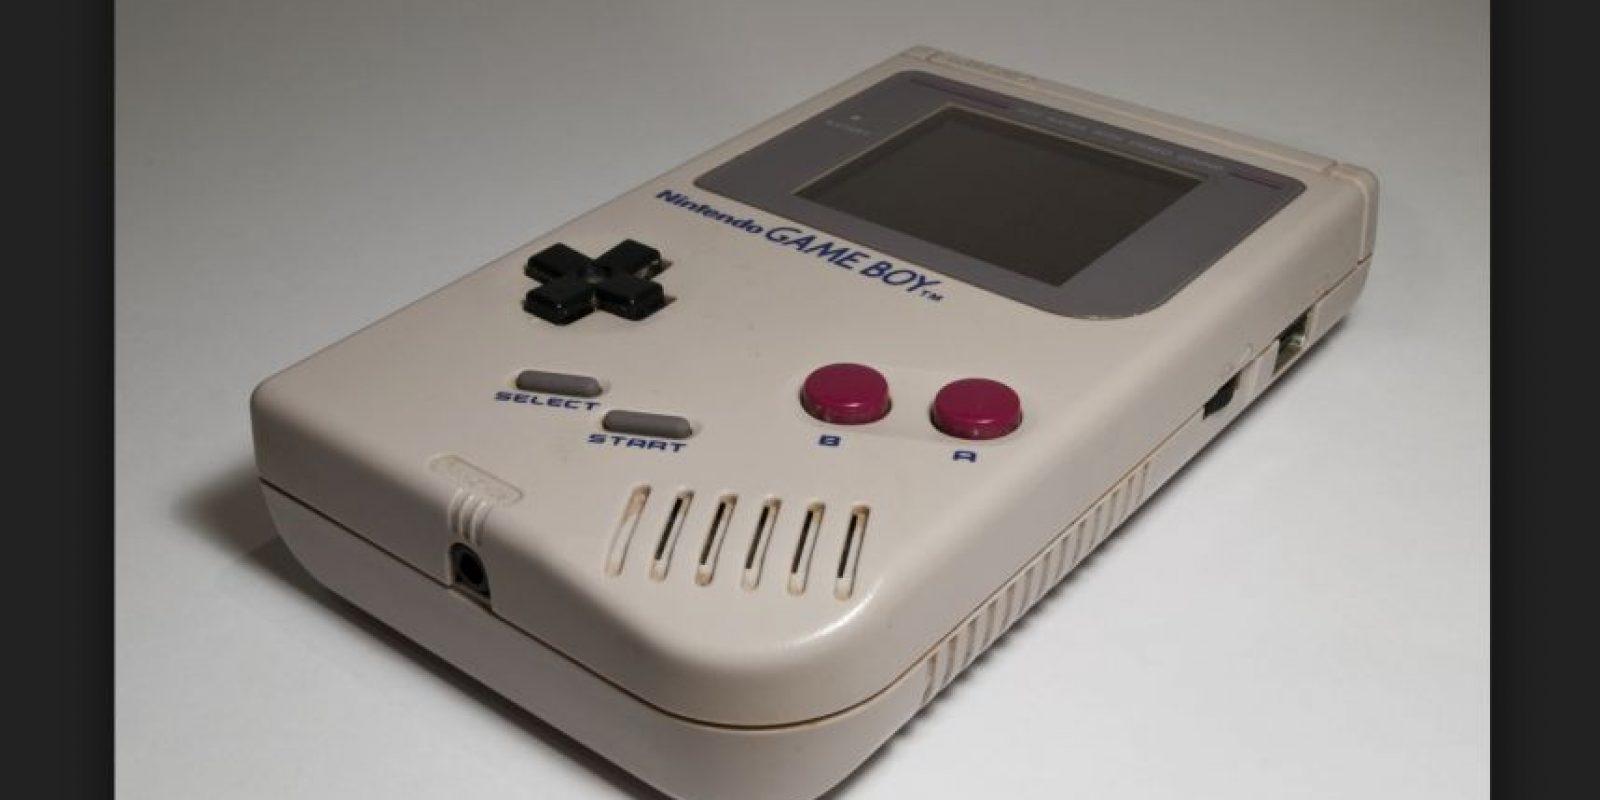 Es una serie de videoconsolas portátiles alimentadas con baterías (a excepción del modelo SP y Micro) y comercializadas por Nintendo Foto:Nintendo